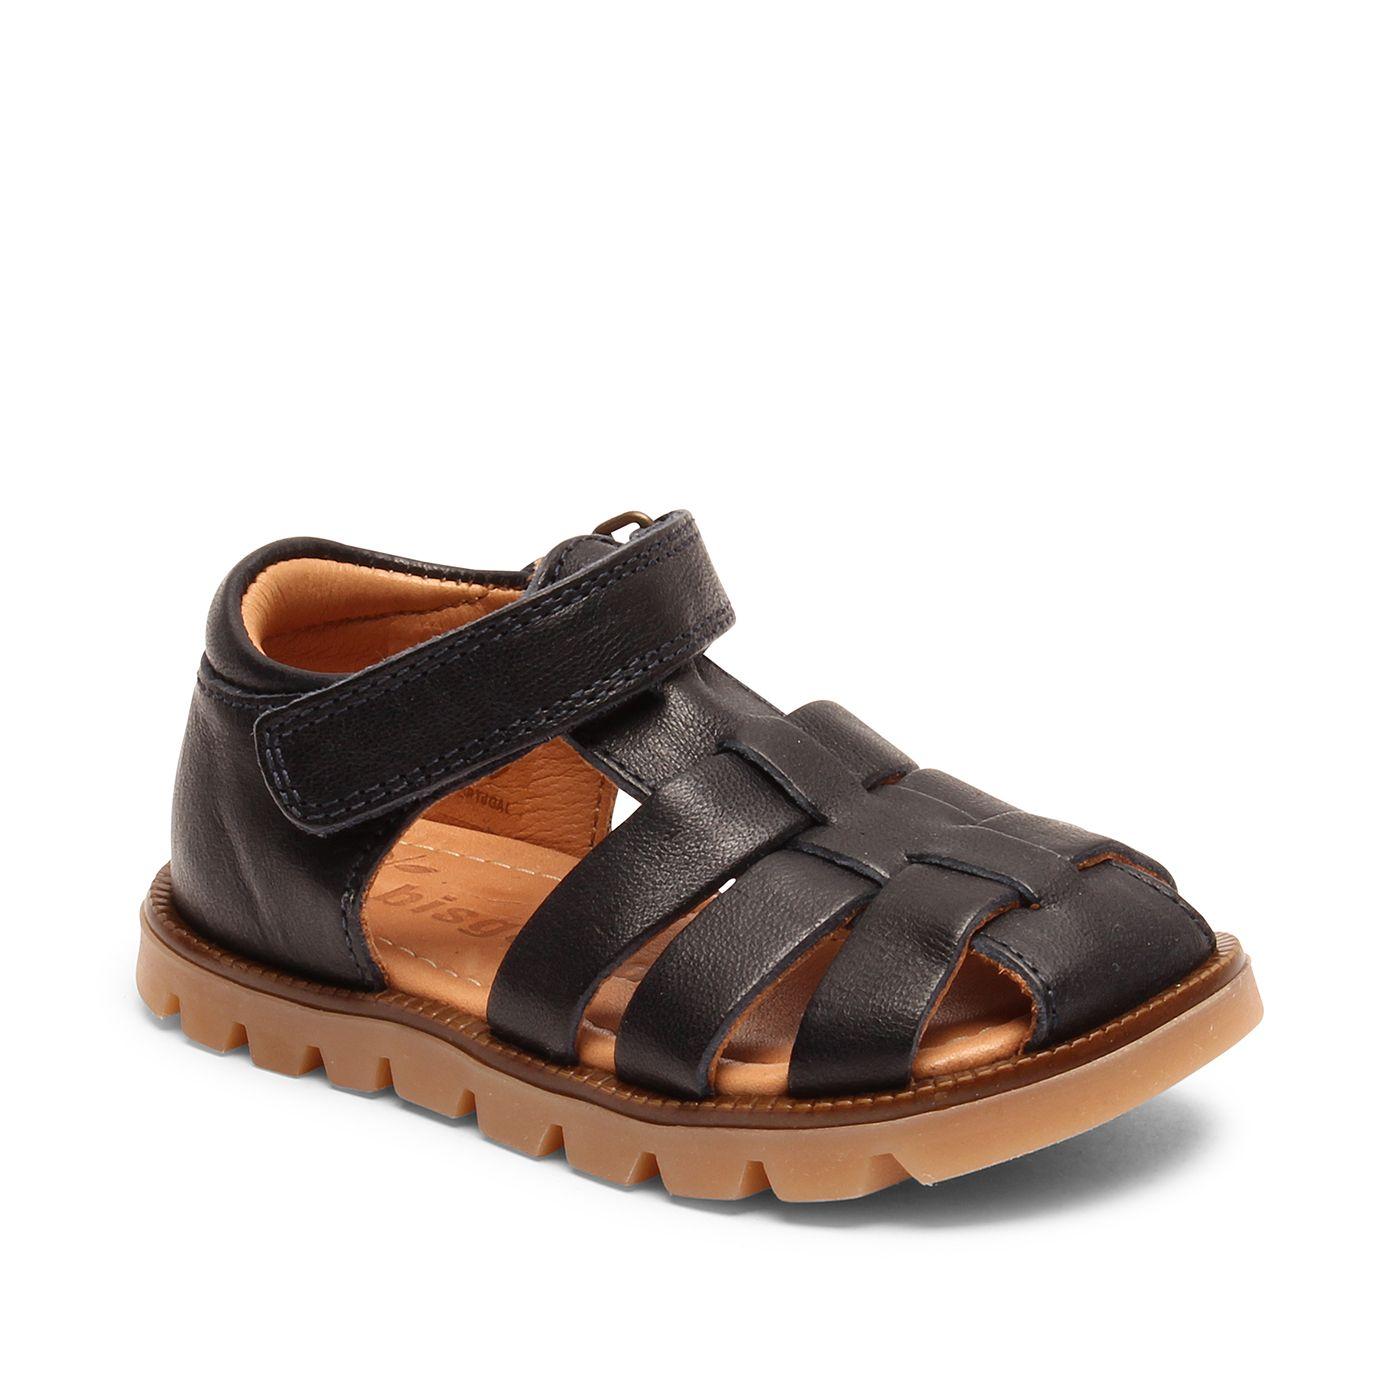 Bisgaard dětské kožené sandály 71242 - 1422